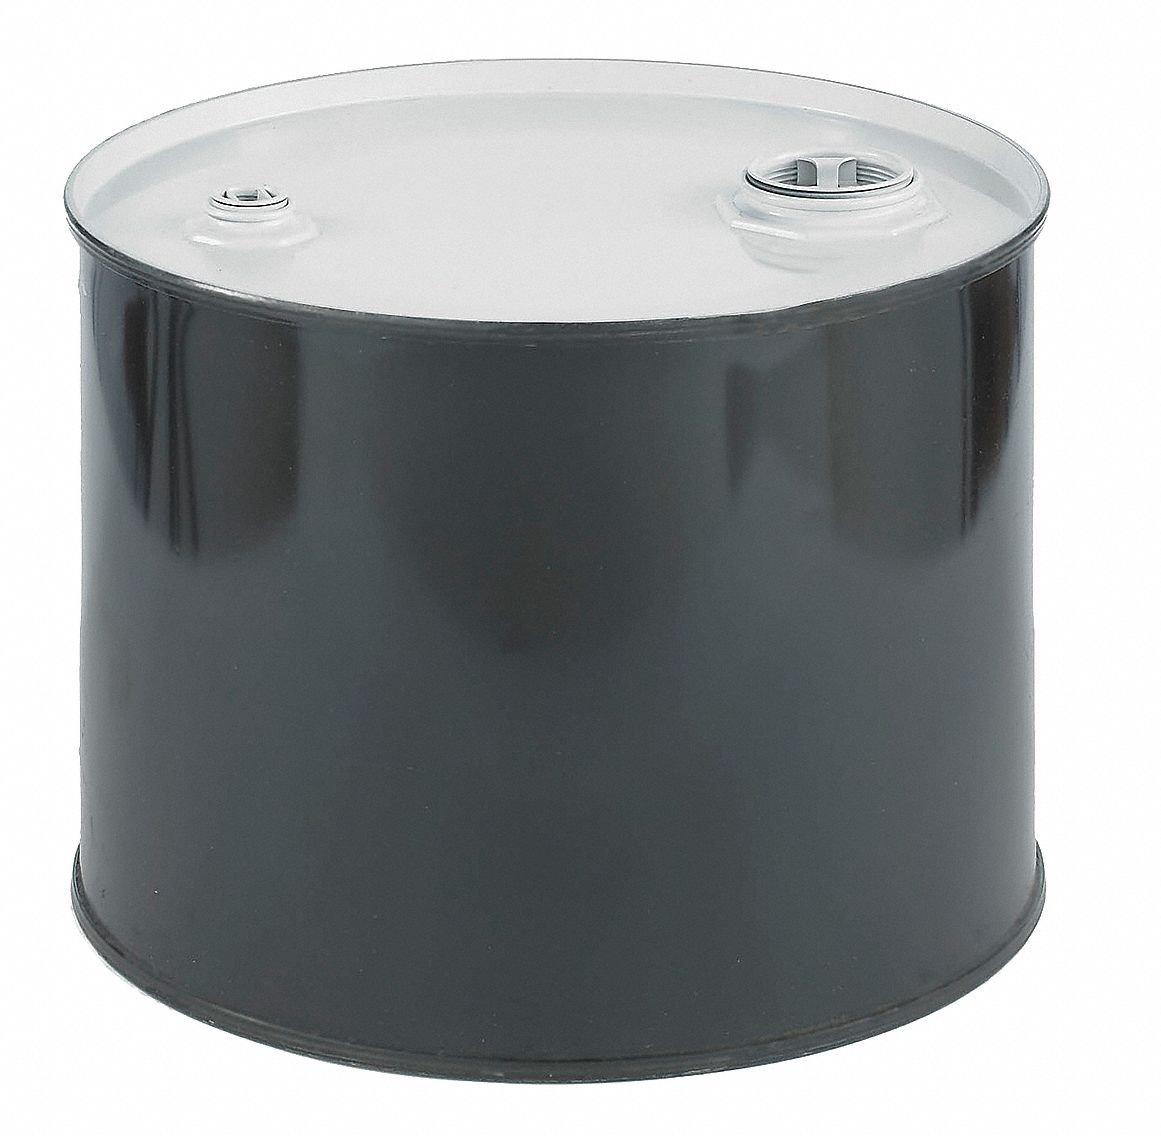 SKOLNIK Carbon Steel Tight Head Drum, 5 gallons, 0.9mm Body Gauge (Pack of 1) by Skolnik